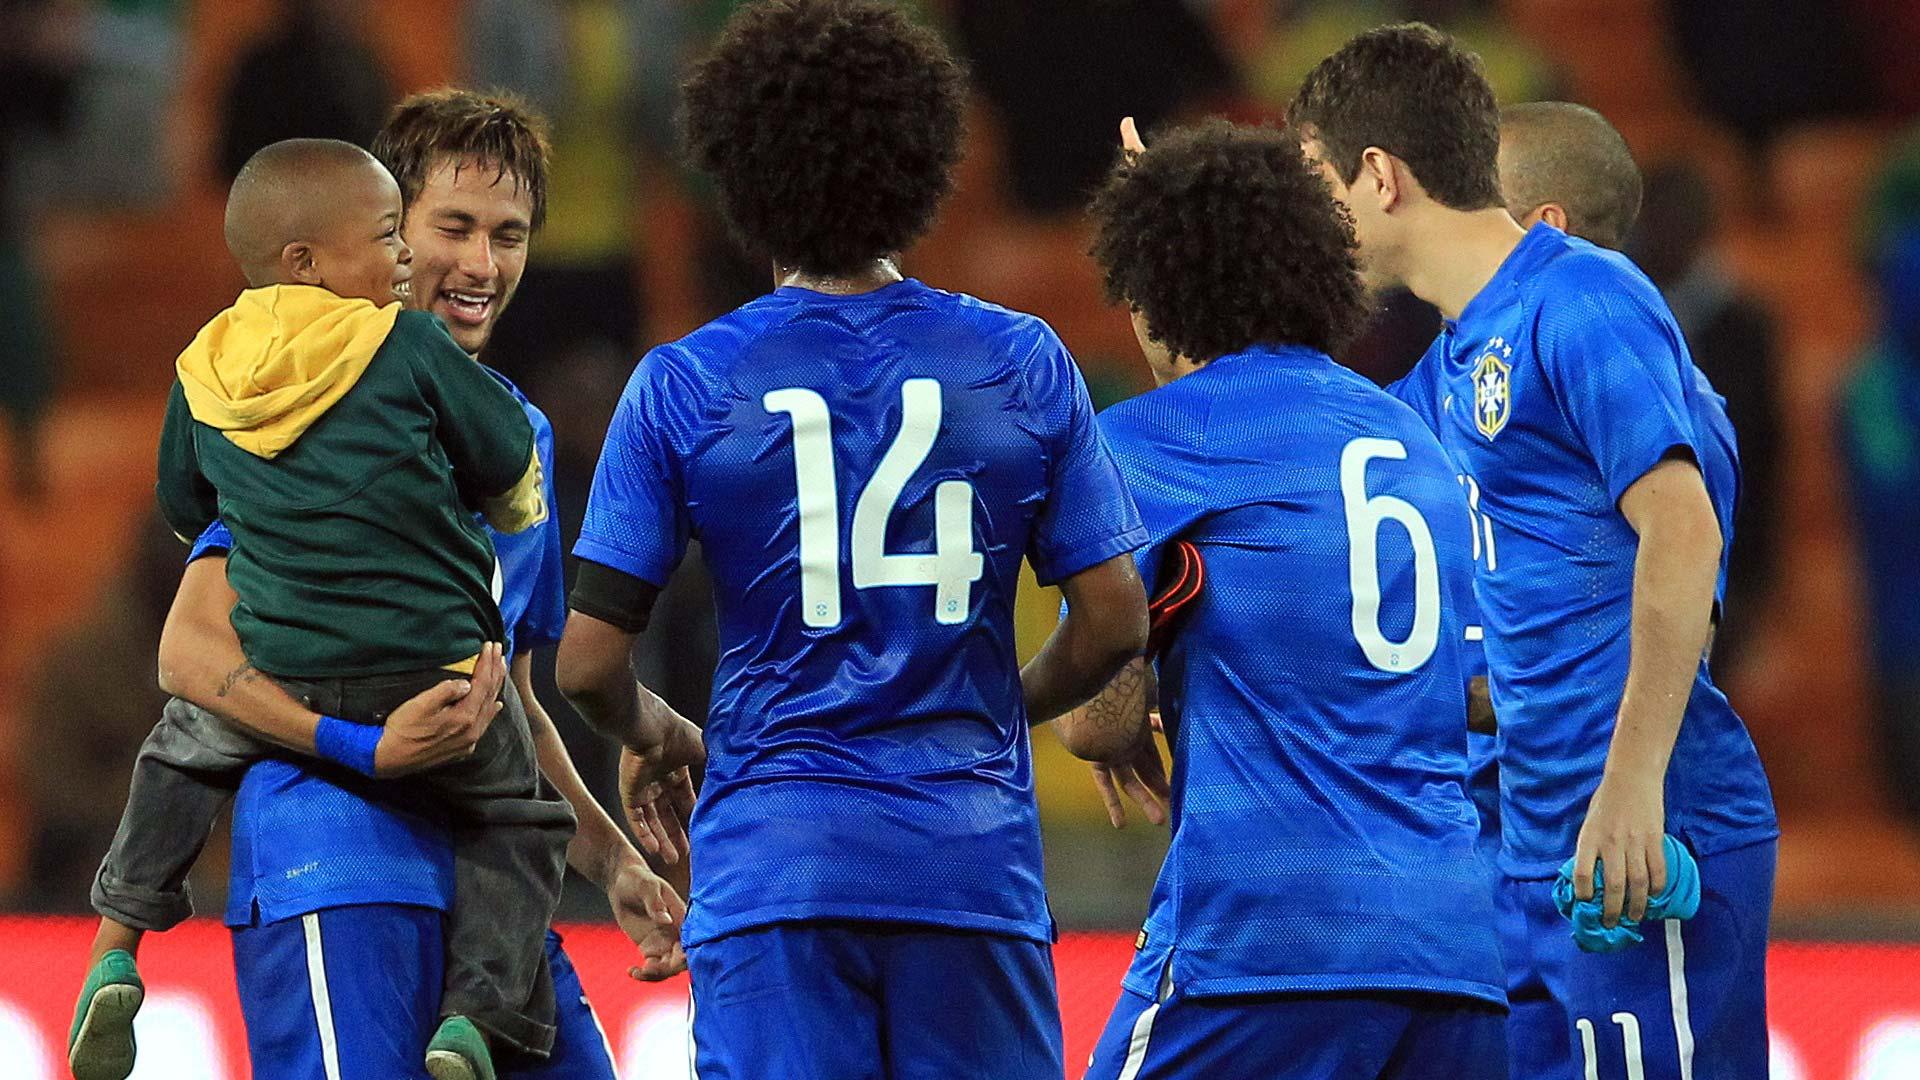 Neymar-Brazil-030514-ap-ftr